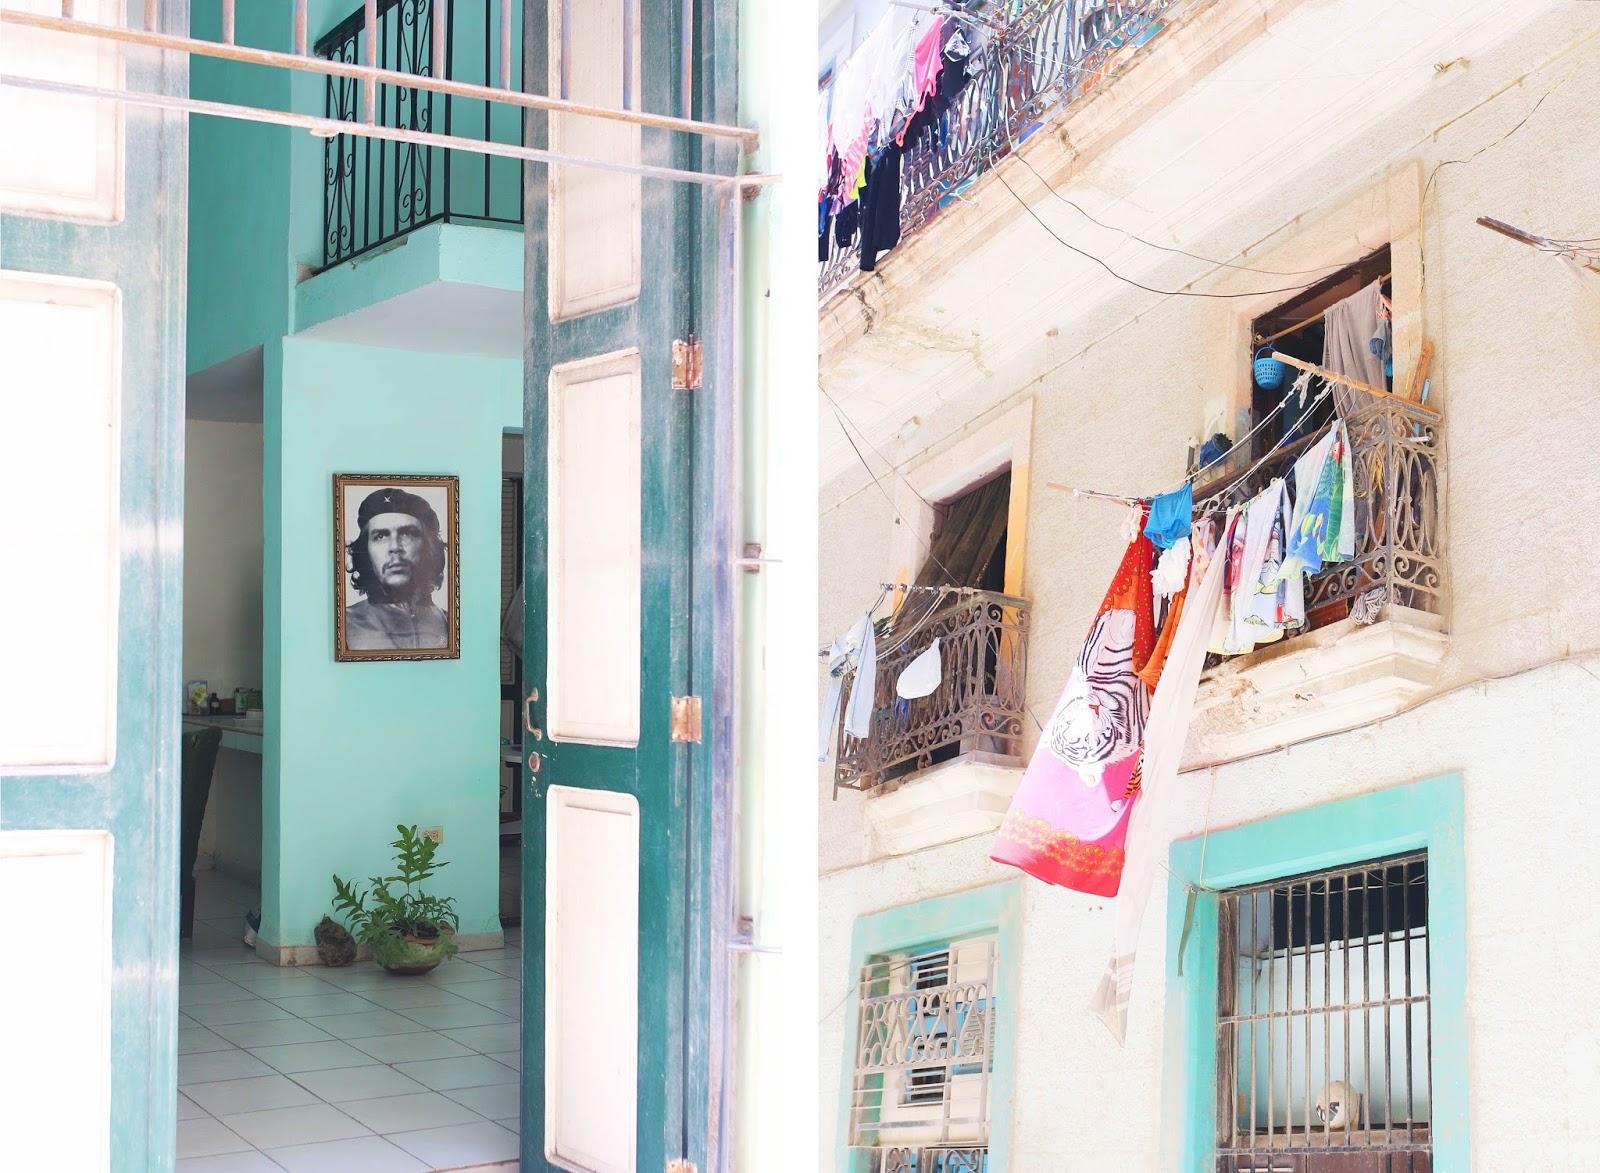 Portrait de Che Guevara et linge qui sèche aux fenêtres